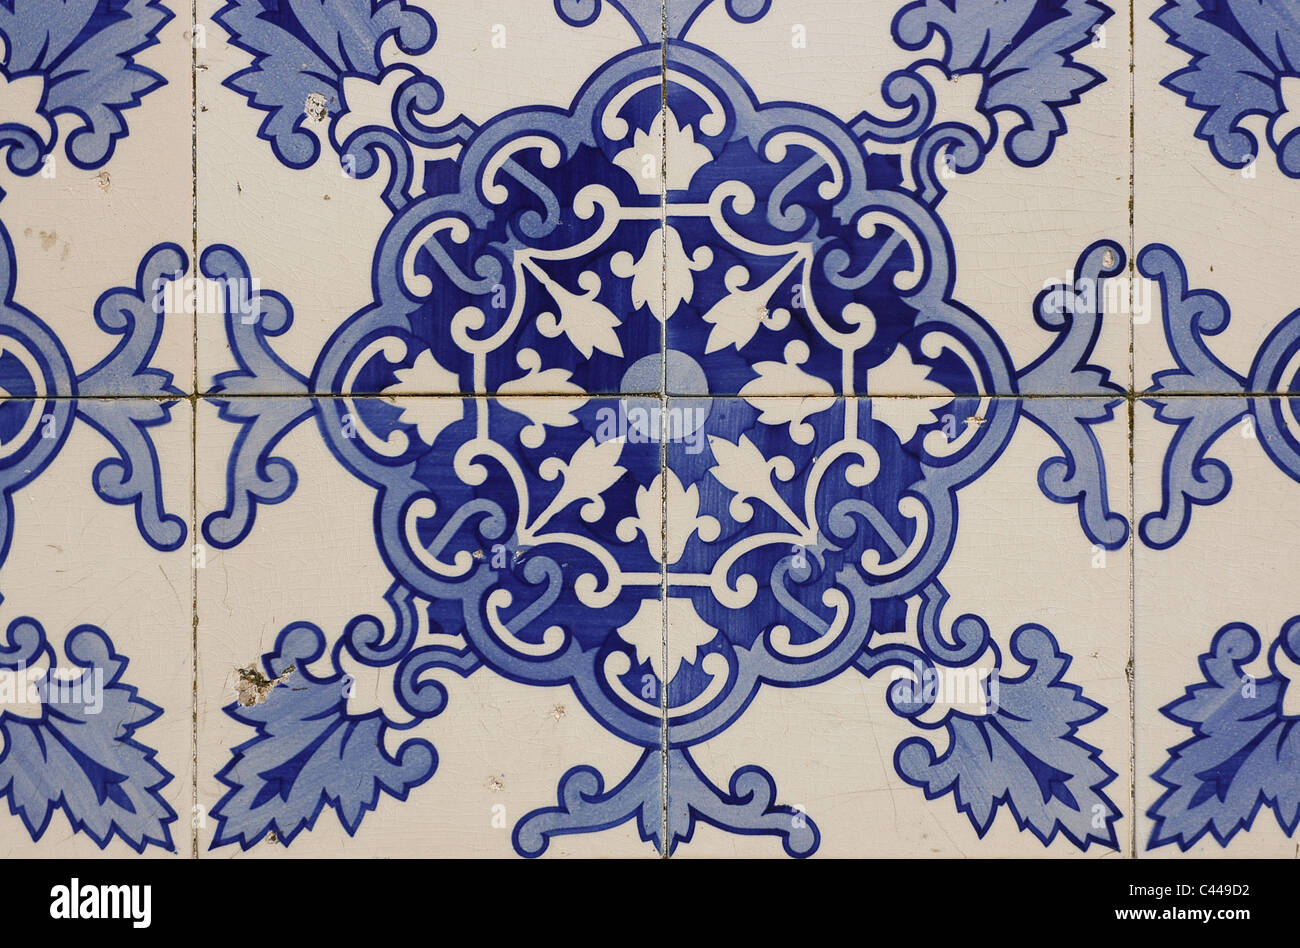 Piastrelle con figure geometriche e motivi vegetali situato nella